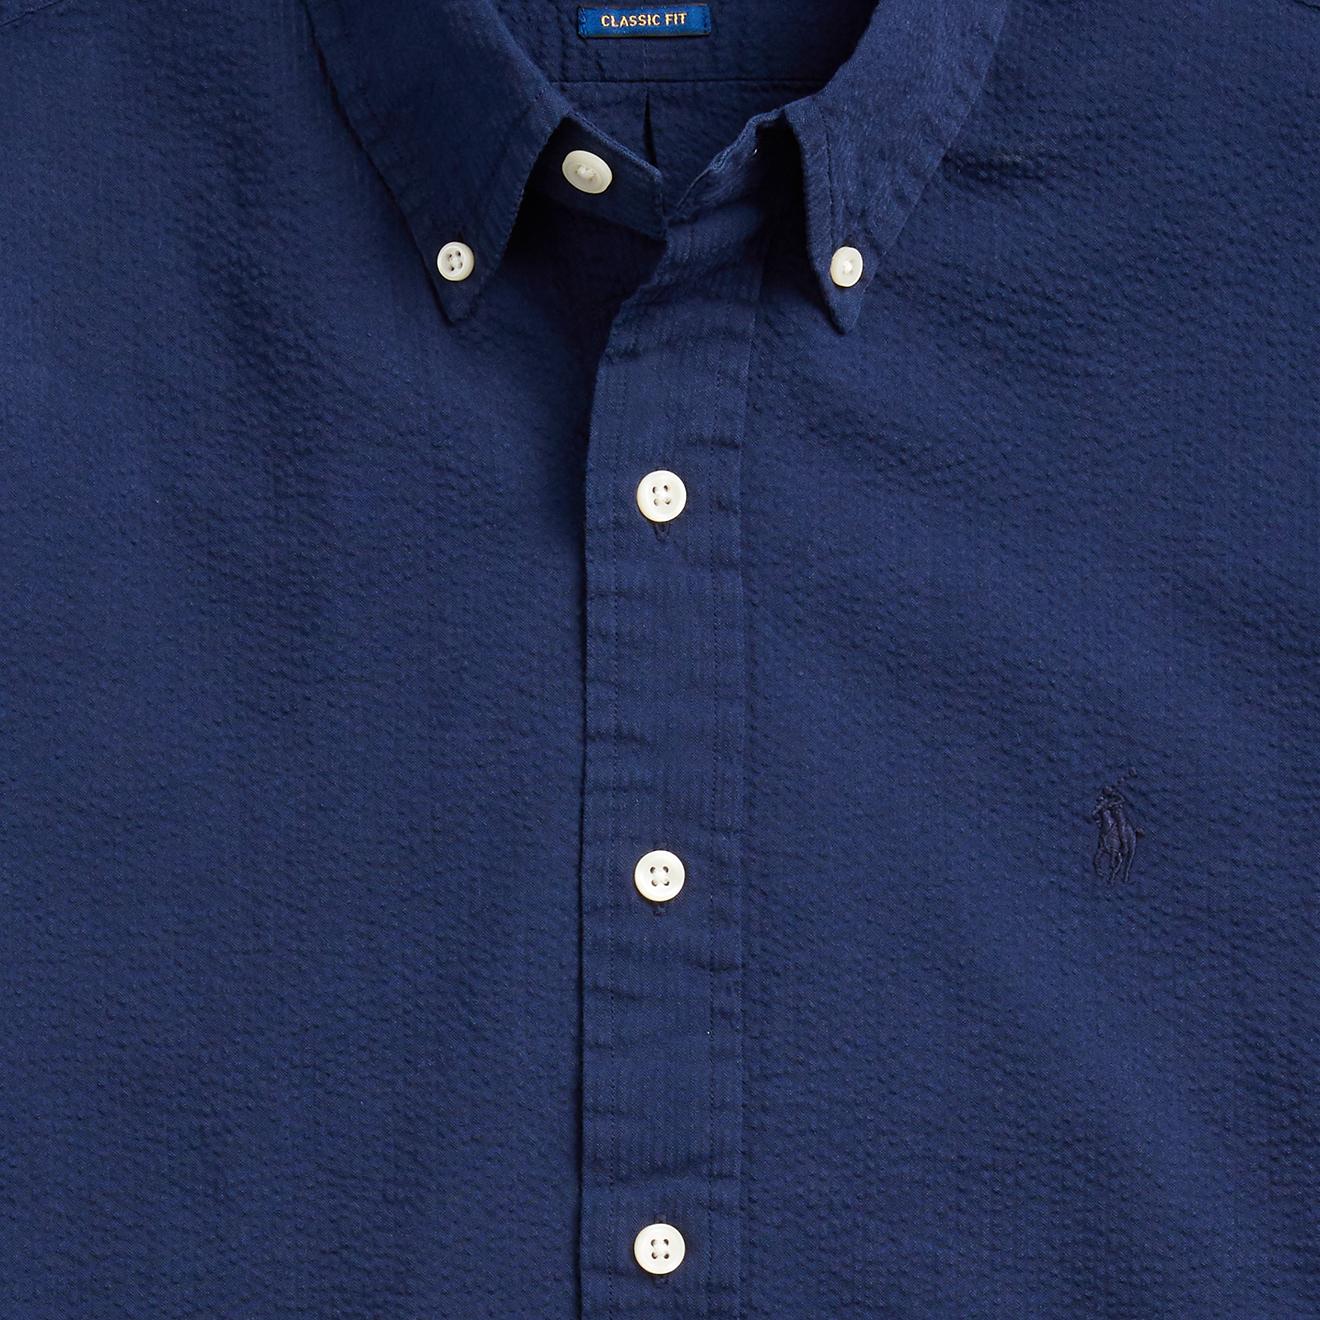 ralph lauren seersucker shirt navy